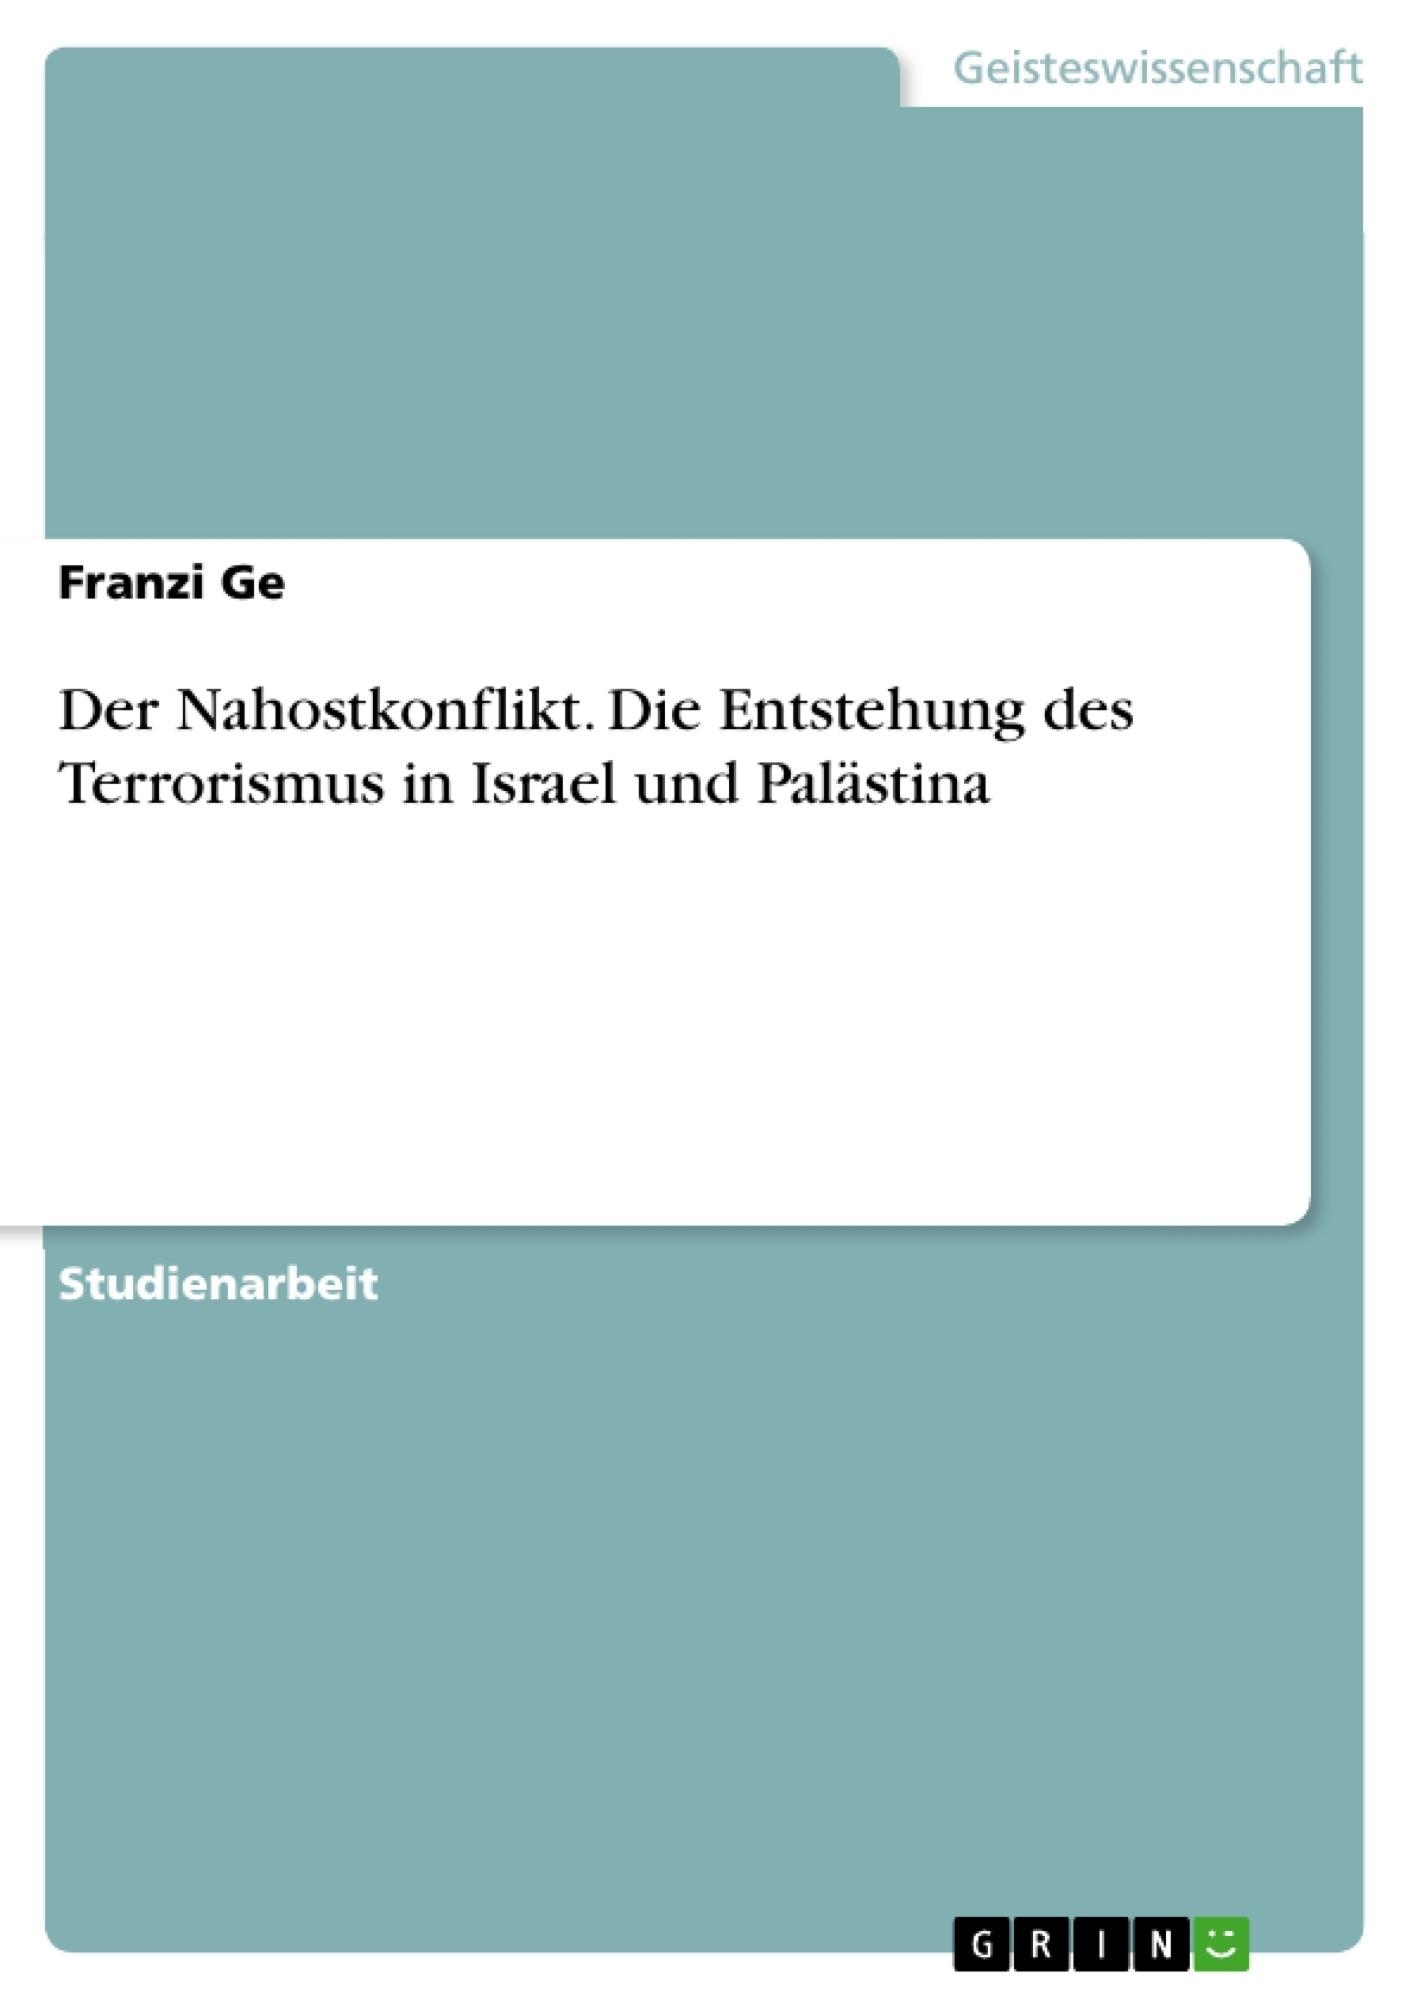 Titel: Der Nahostkonflikt. Die Entstehung des Terrorismus in Israel und Palästina